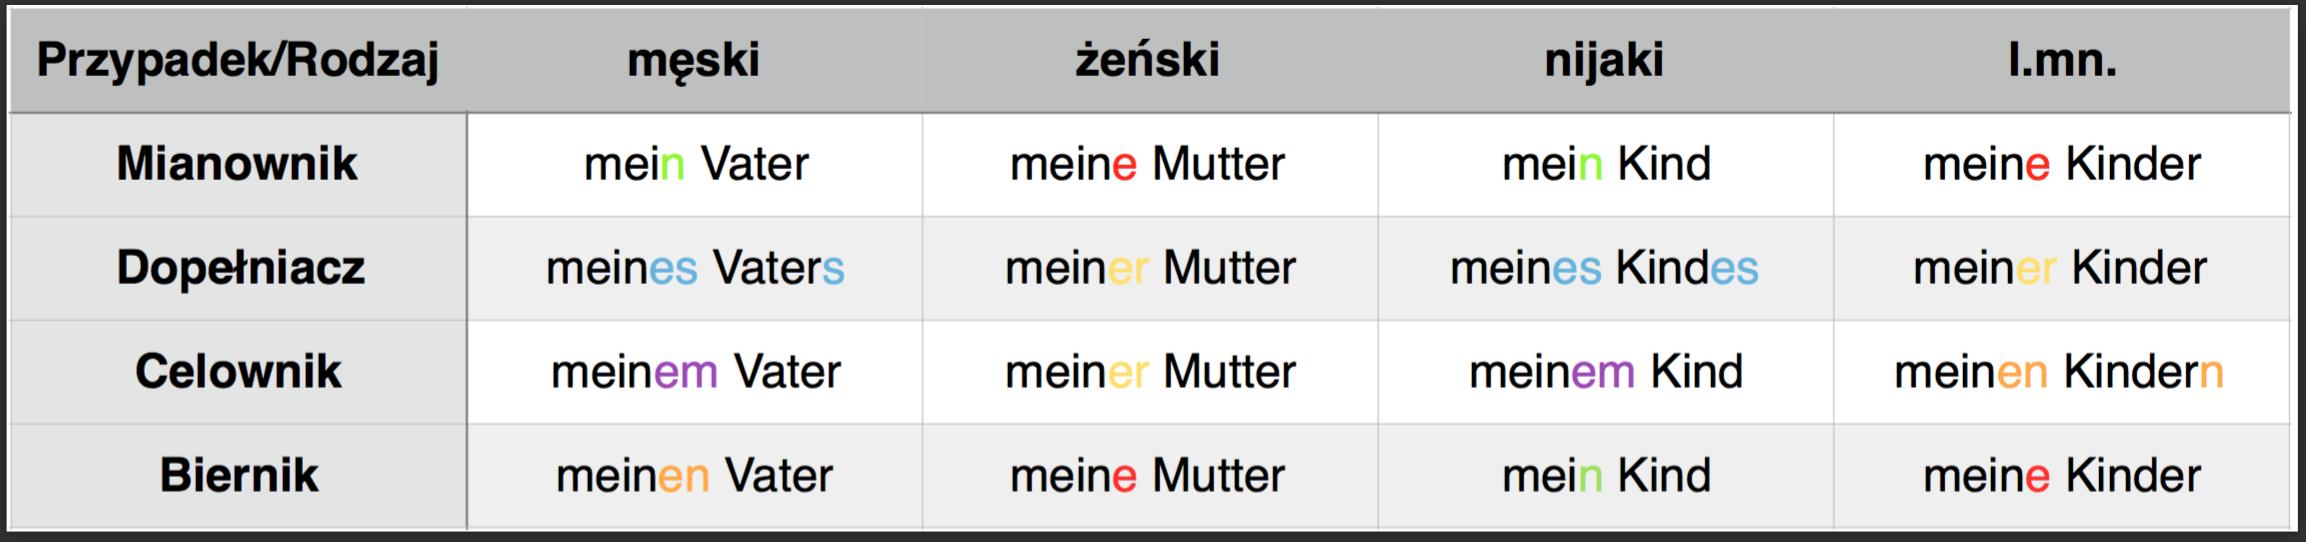 zaimki_dzierzawcze_niemiecki